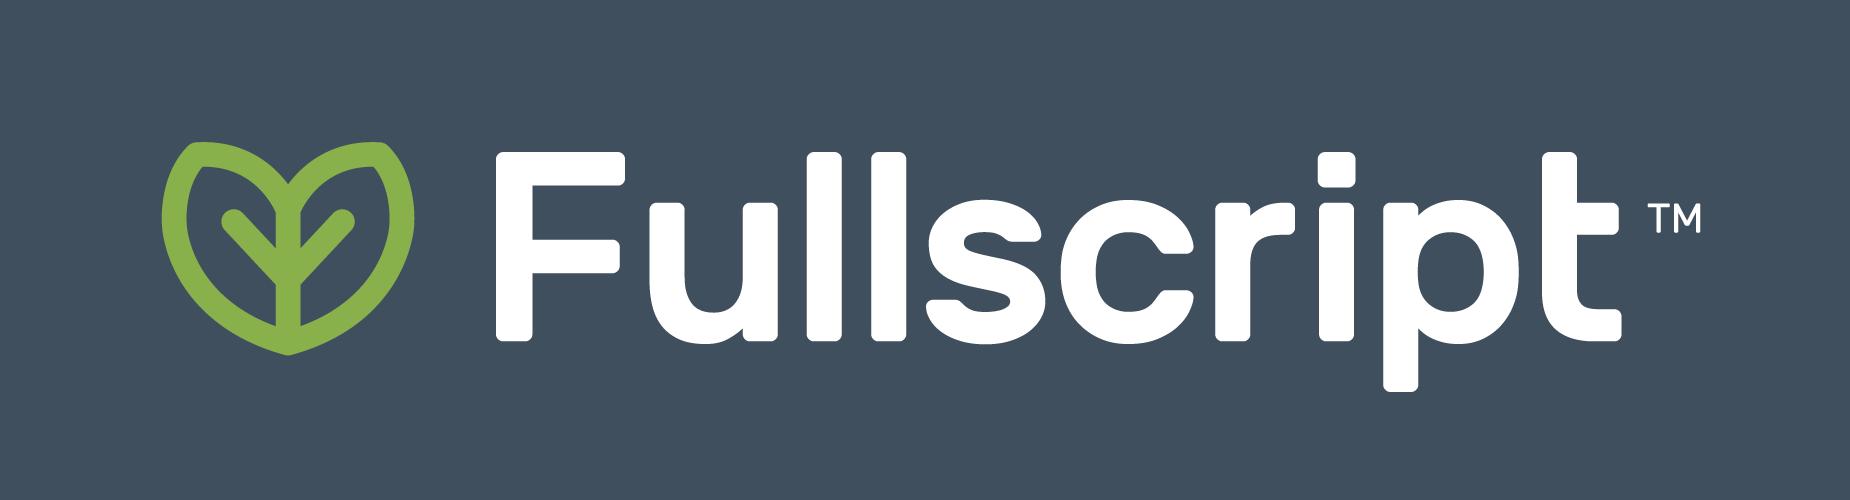 fullscript-logo-orion-blue-bg.png